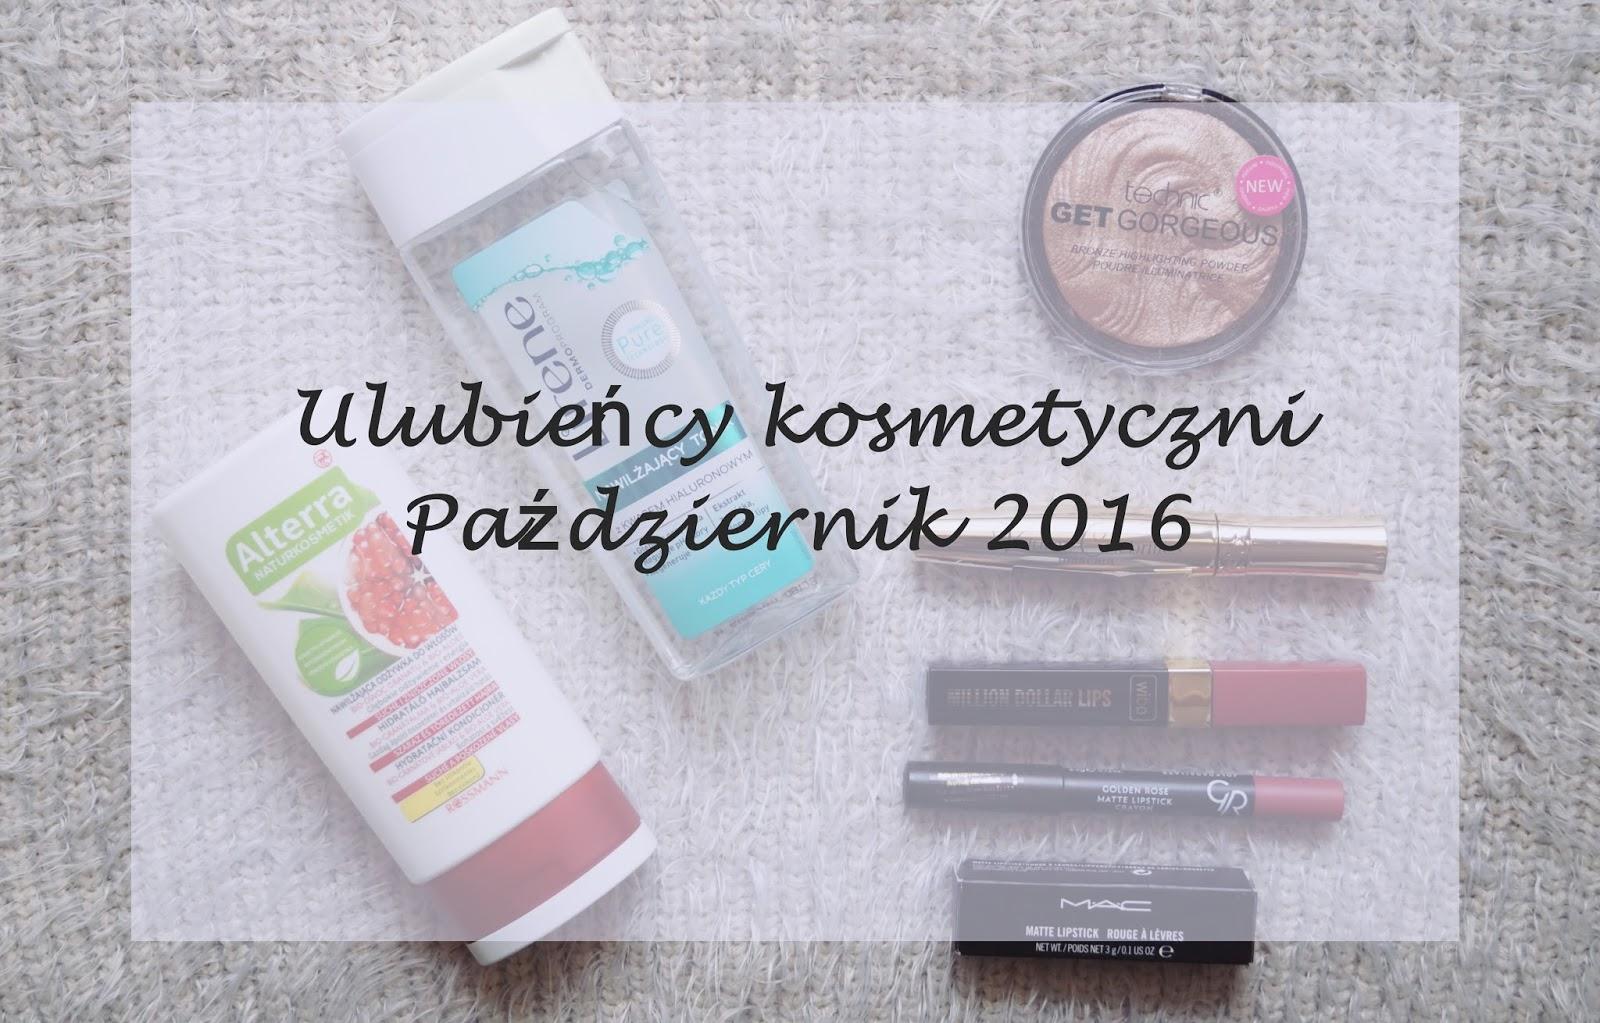 Ulubieńcy kosmetyczni - Październik 2016